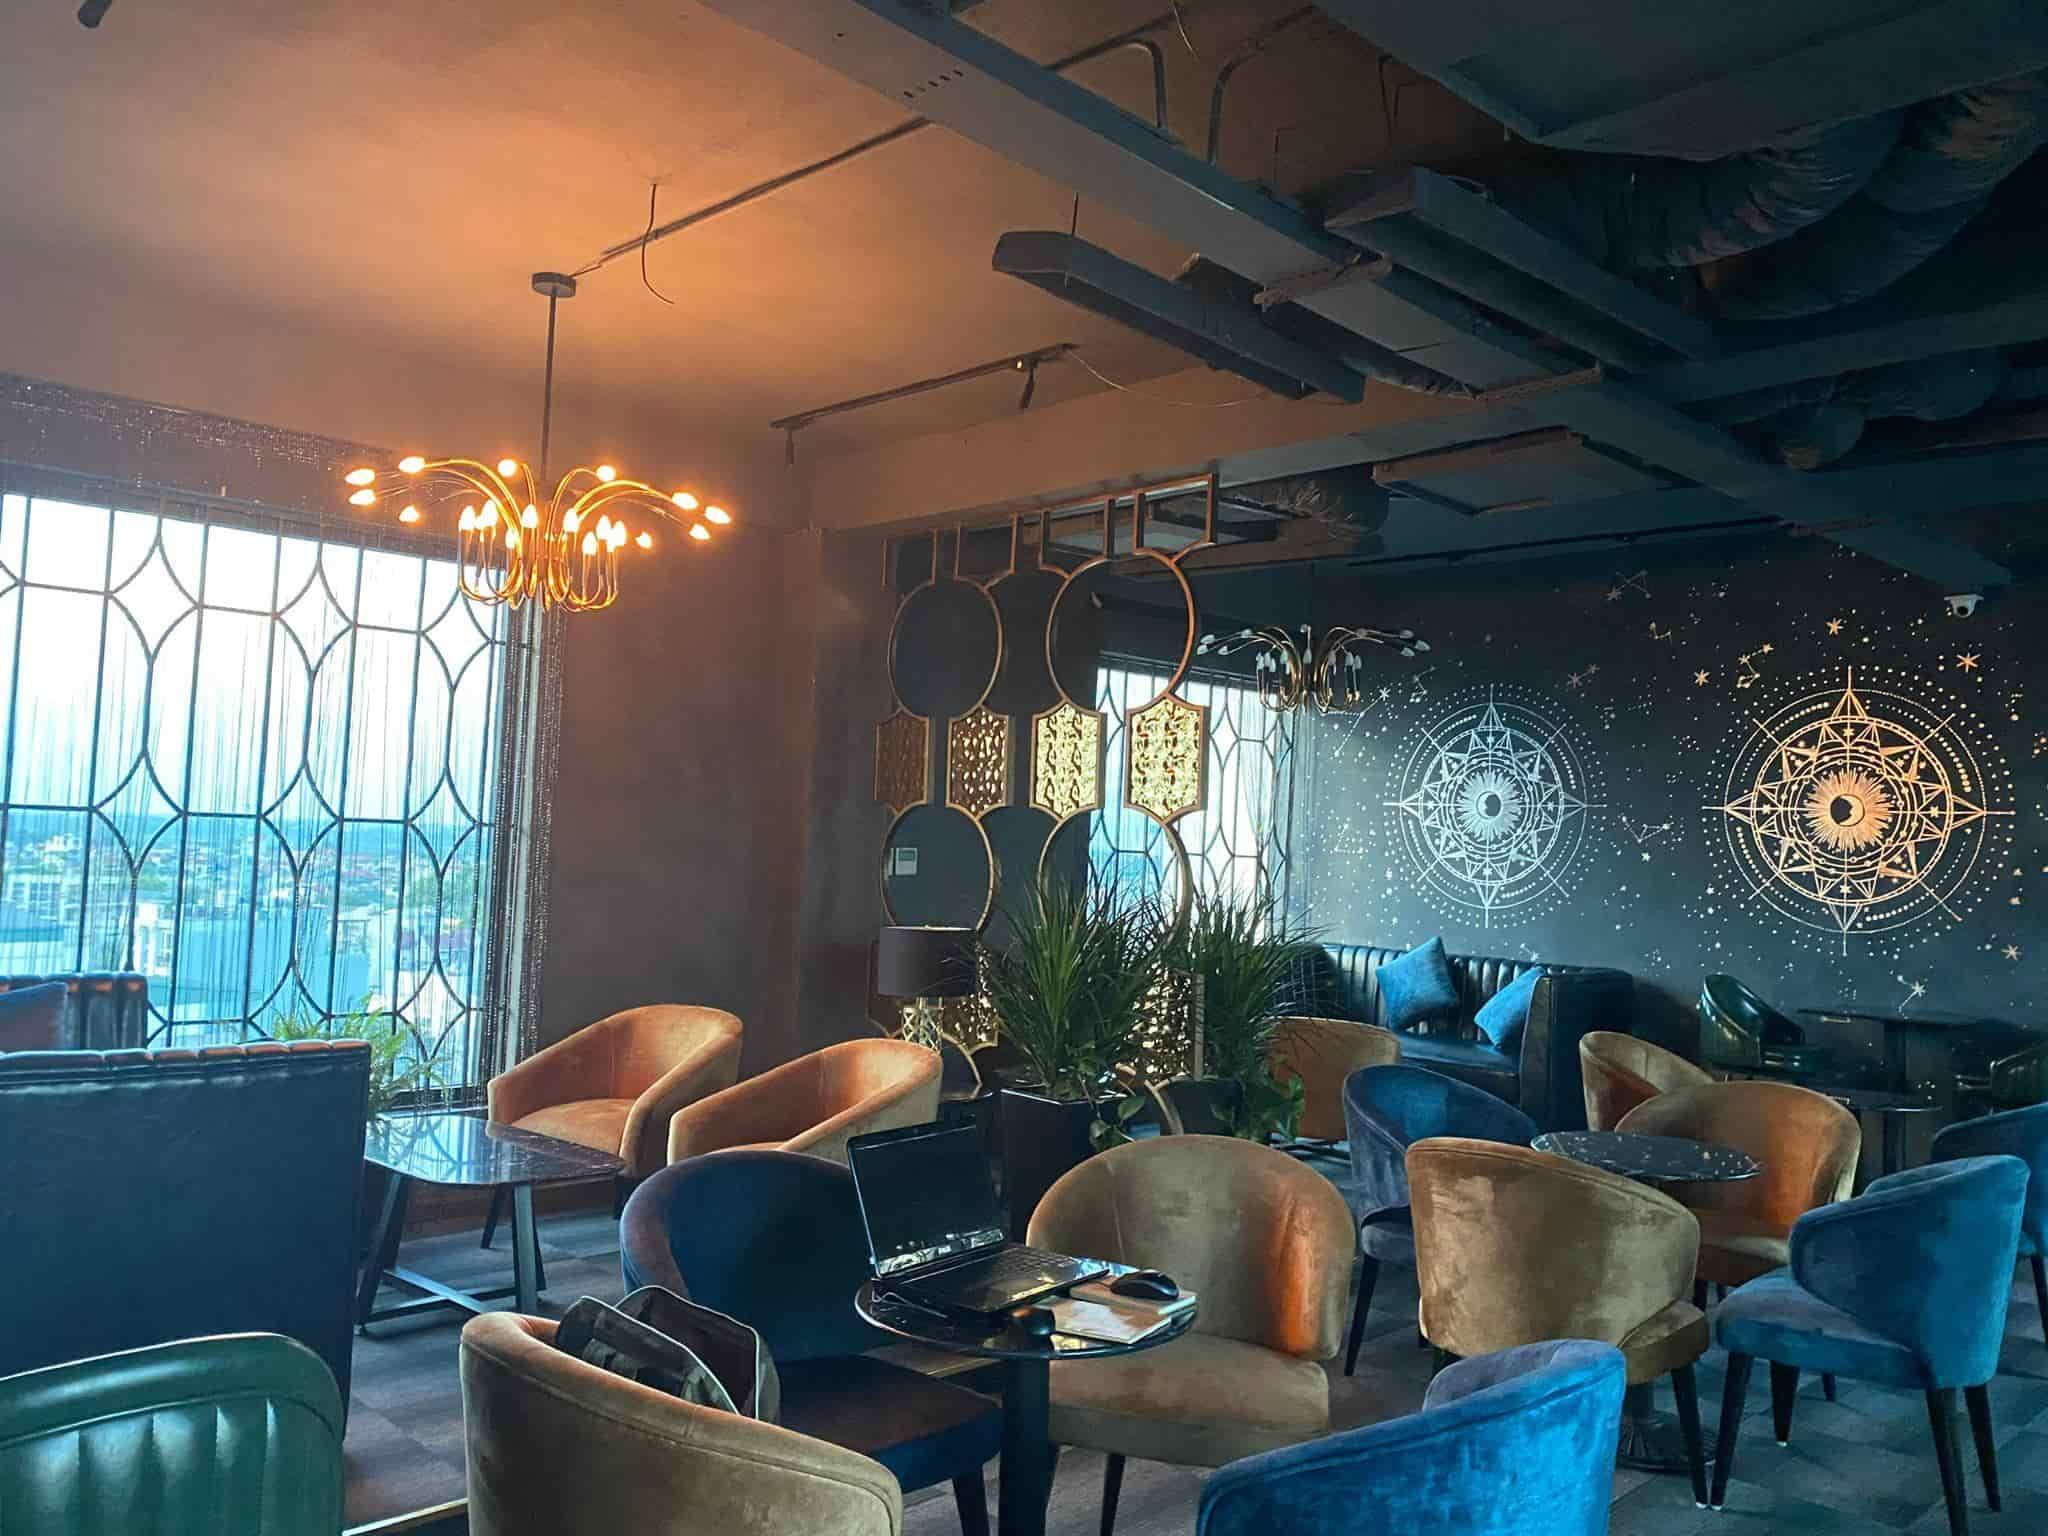 Stella Mixology Bar từ lâu đã được biết đến là địa chỉ quen thuộc của các bạn trẻ Hà Nội